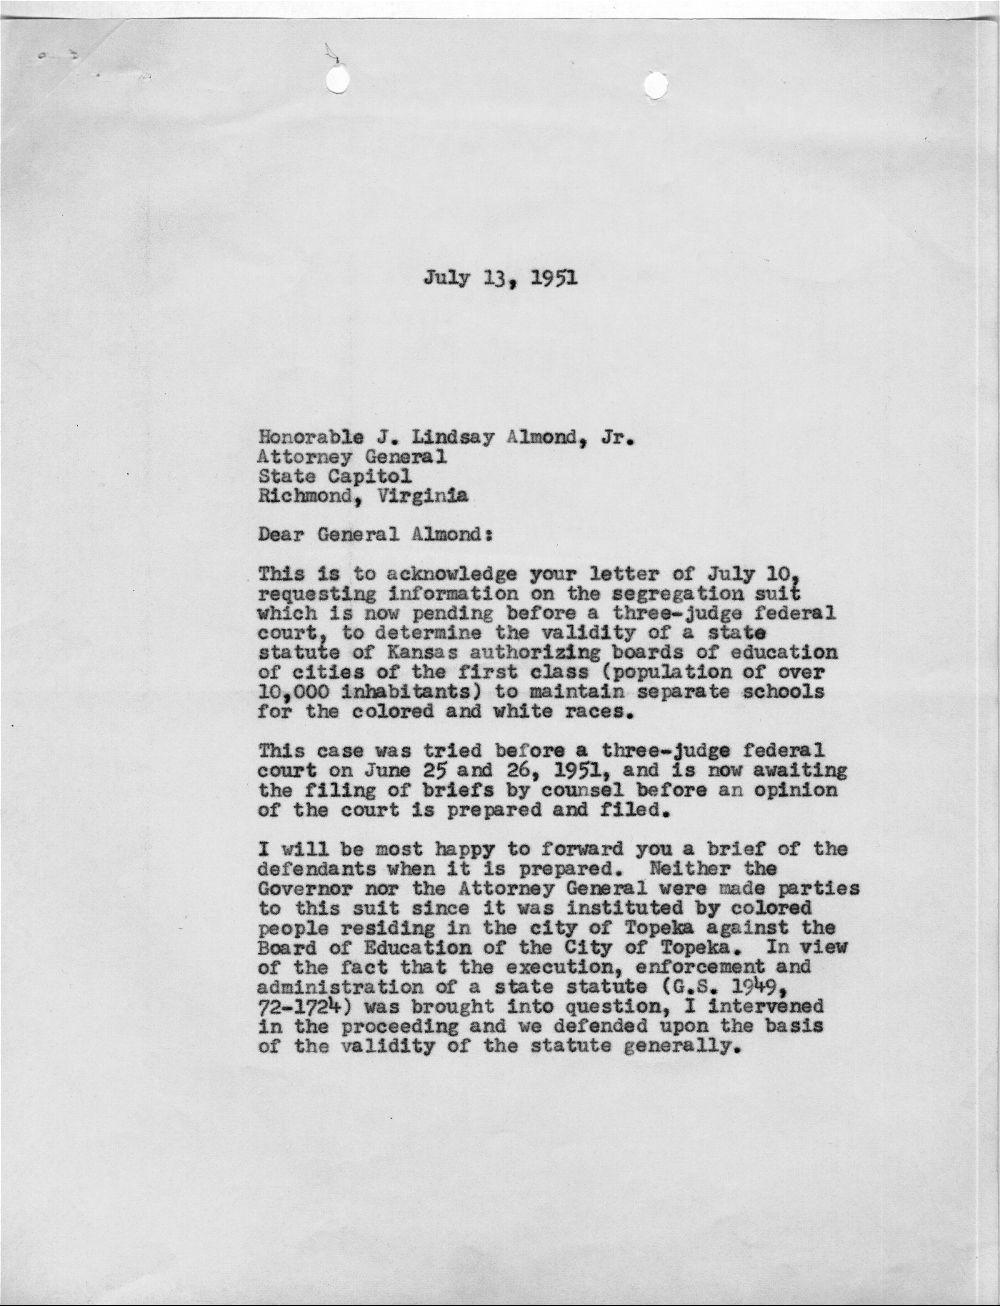 Harold R. Fatzer to J. Lindsay Almond Jr. - 1